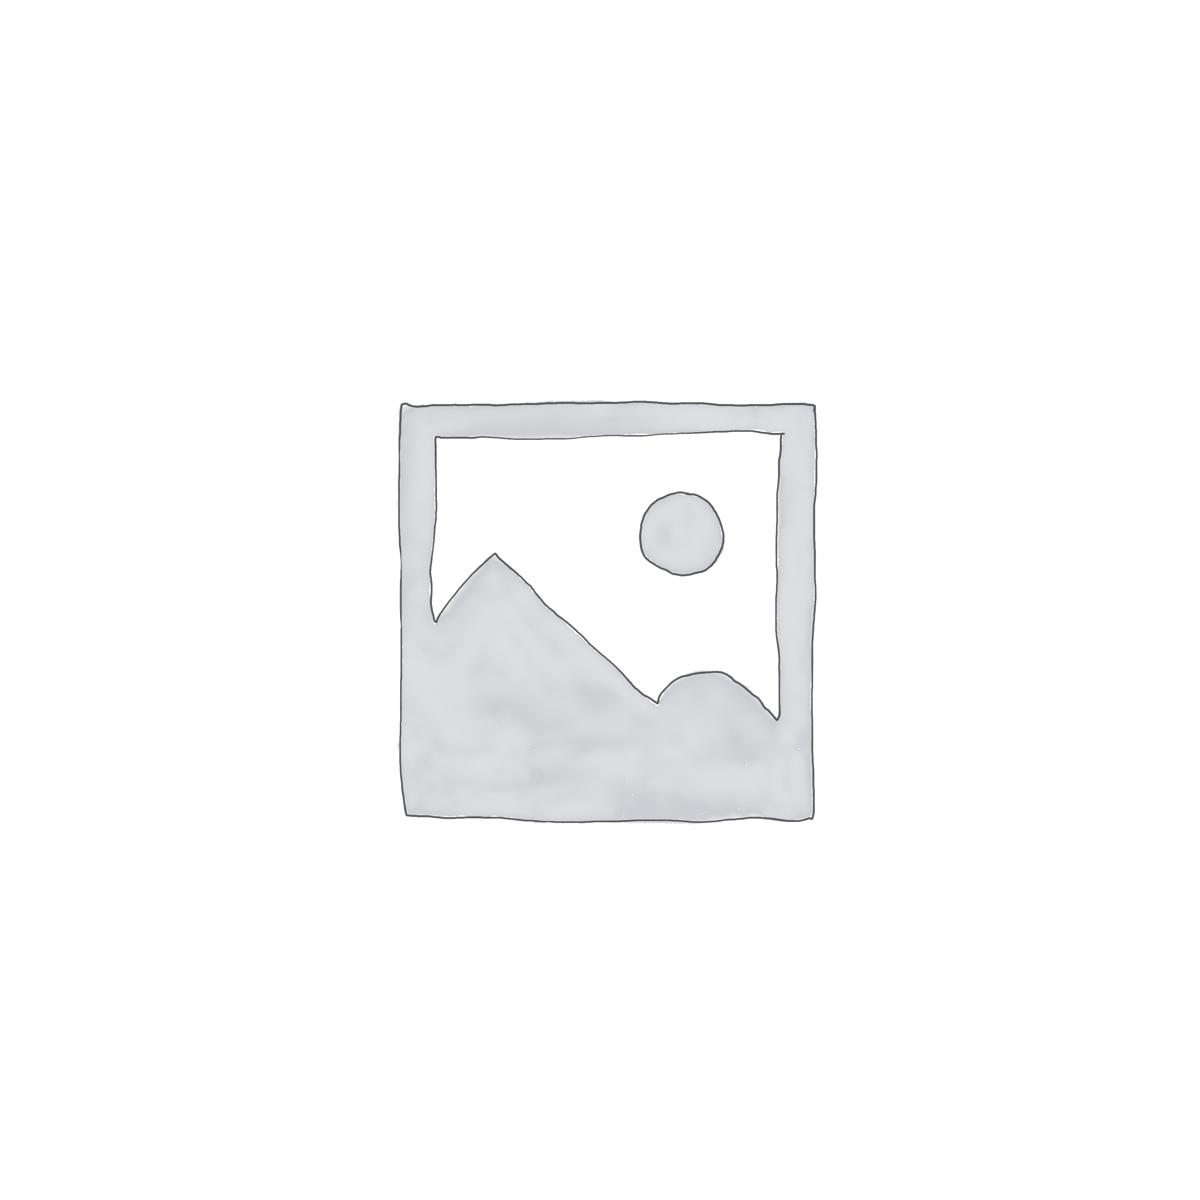 Трусики - стрінги Doily (50 шт/пач)